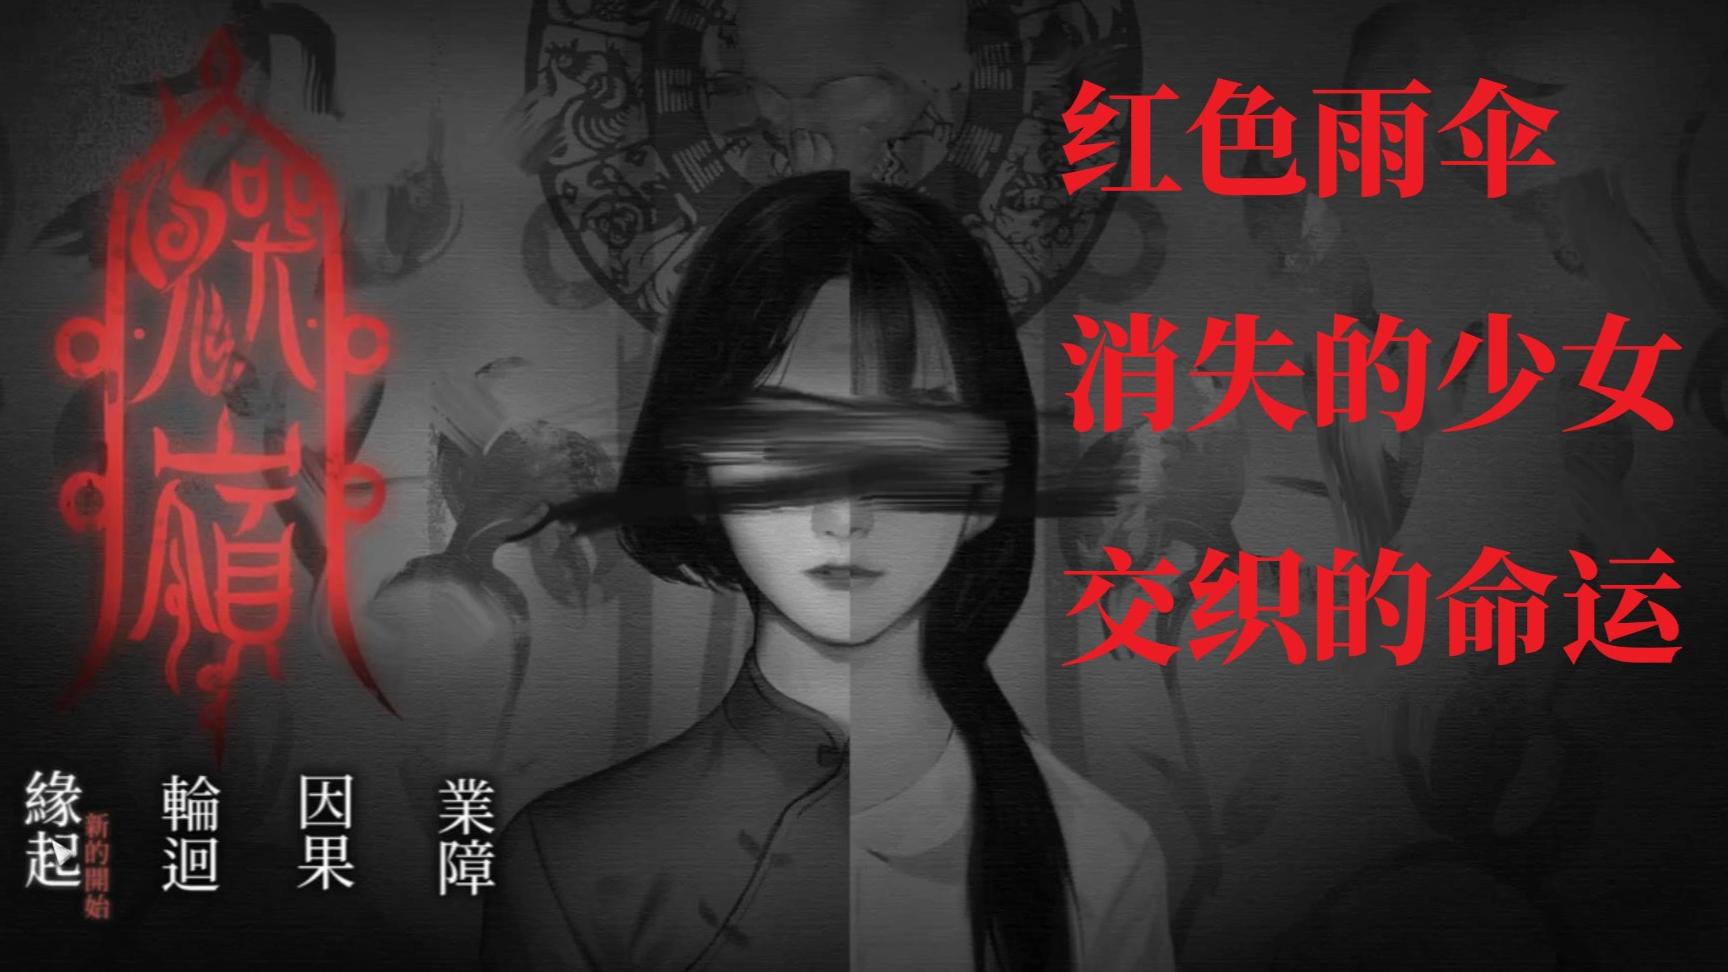 红色雨伞,消失的少女,穿越时空交织的命运~国产民俗恐怖游戏《鬼哭岭》试玩版剧情向速通